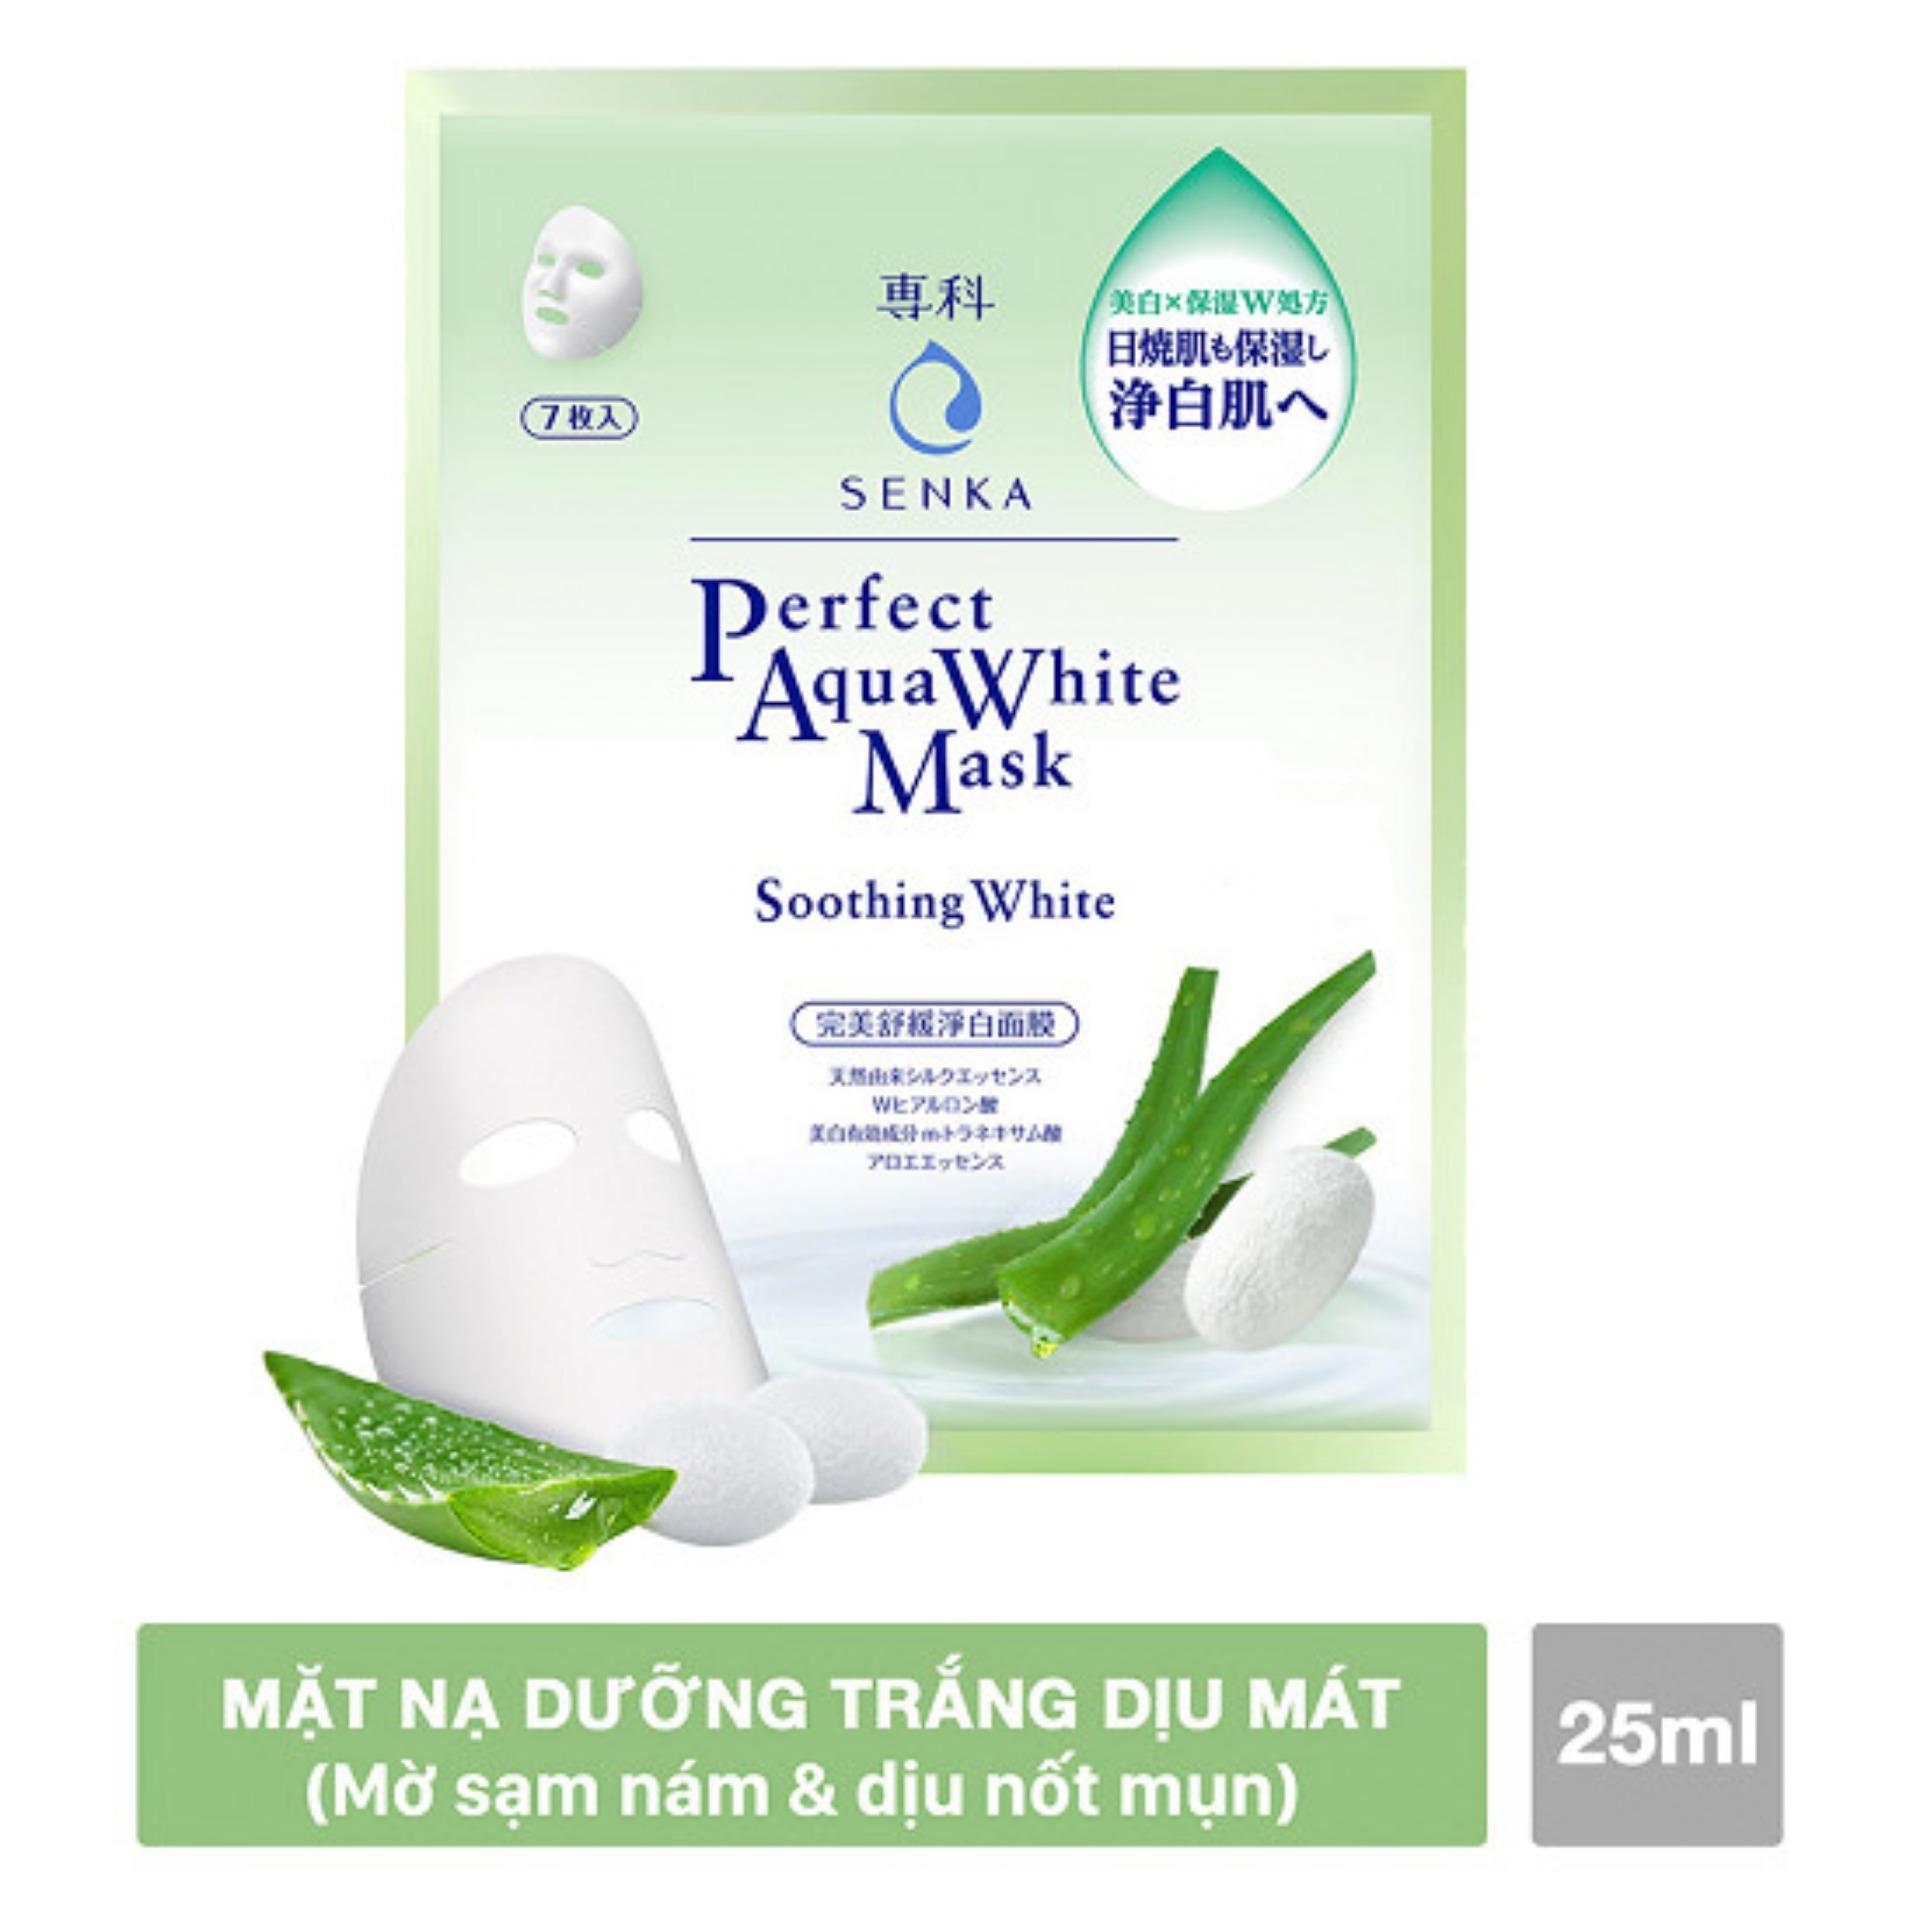 Mặt nạ Senka dưỡng trắng dịu mát 25ml/miếng (xanh lá) tốt nhất